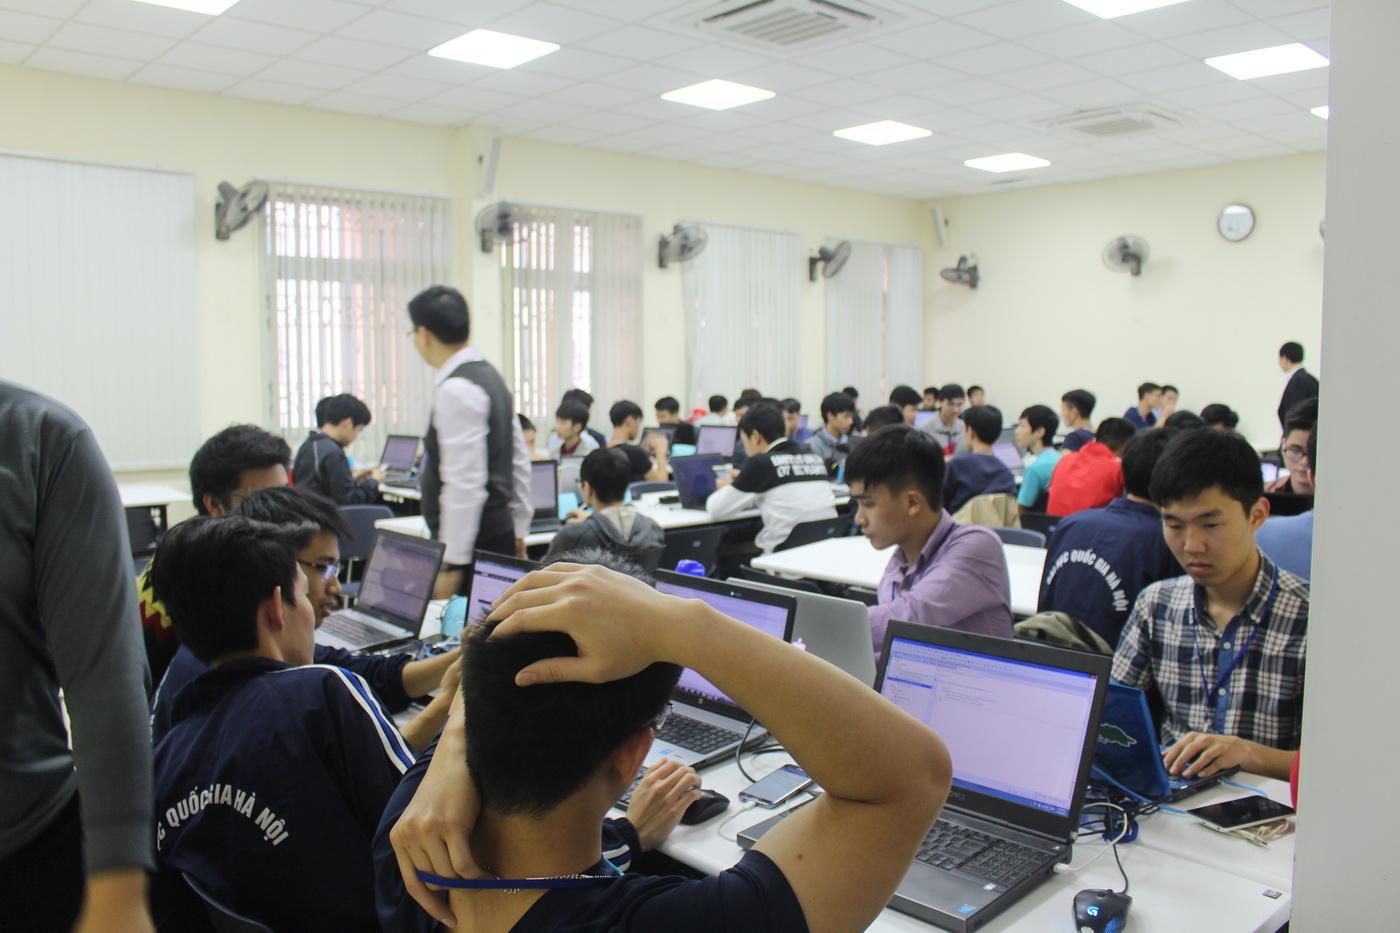 Khai mạc UET Hackathon 2017 - Nơi các anh tài công nghệ được hội tụ và thỏa sức sáng tạo - Ảnh 14.